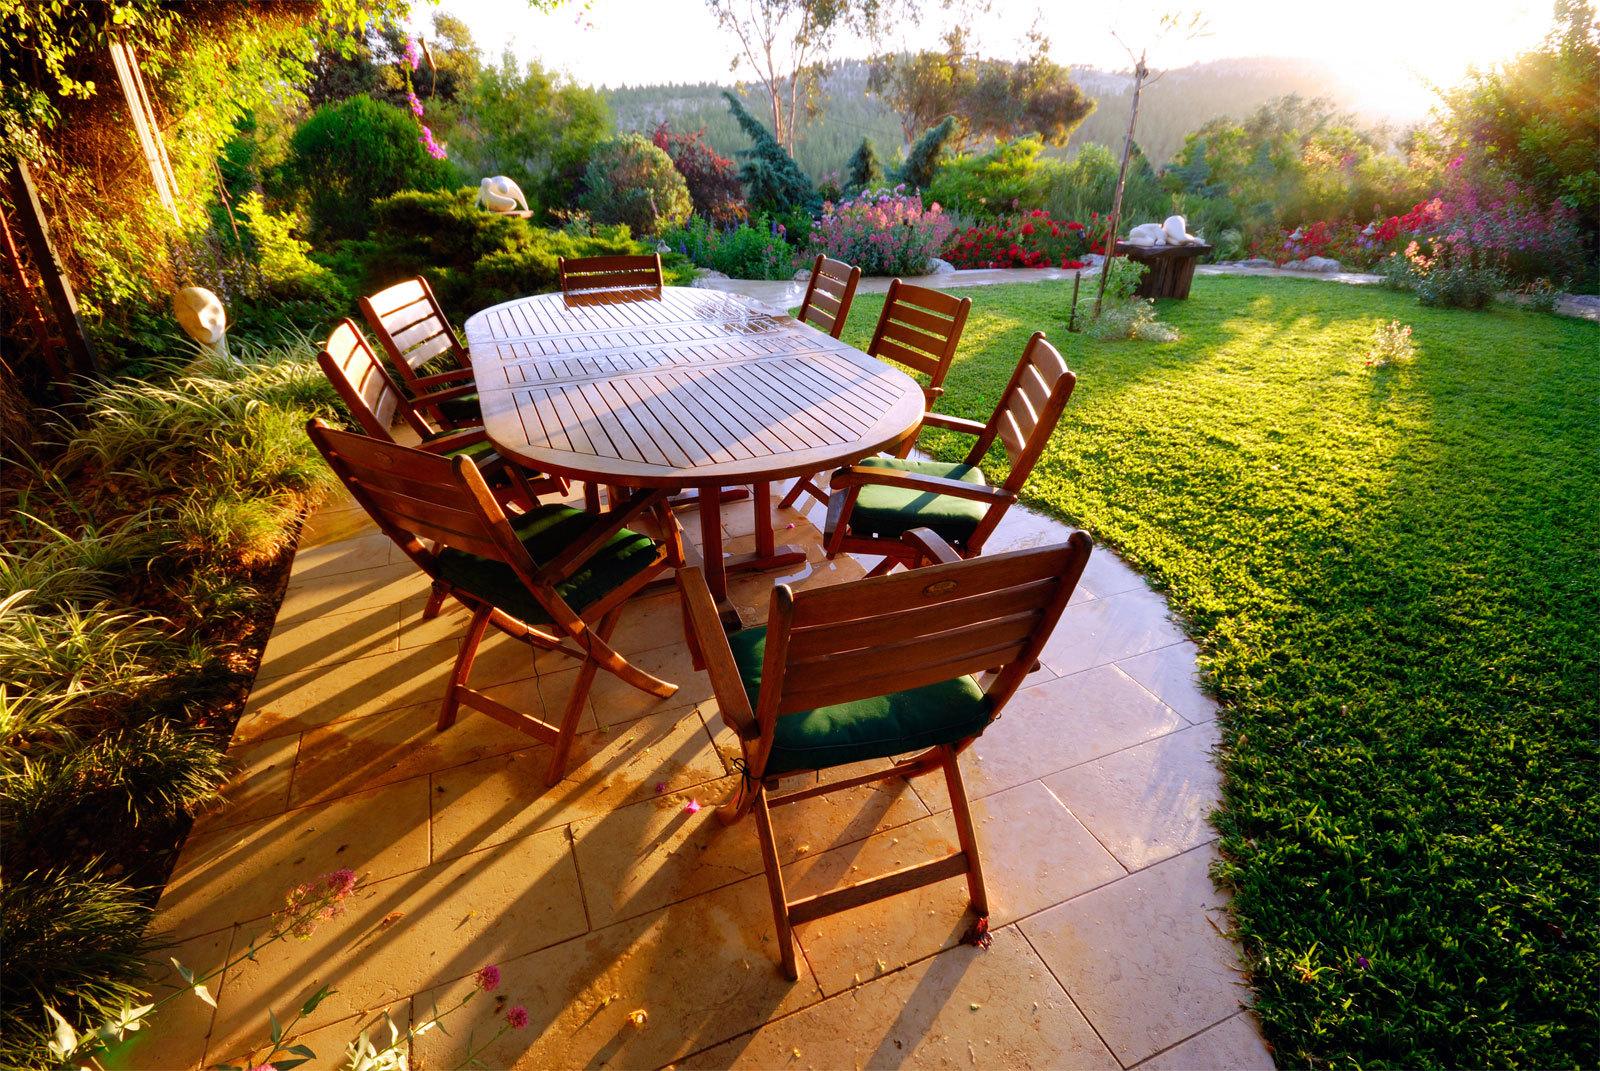 На освободившемся солнечном месте, можно организовать огород или розарий, сделать мощеную площадку для патио или поставить фонтанчик.